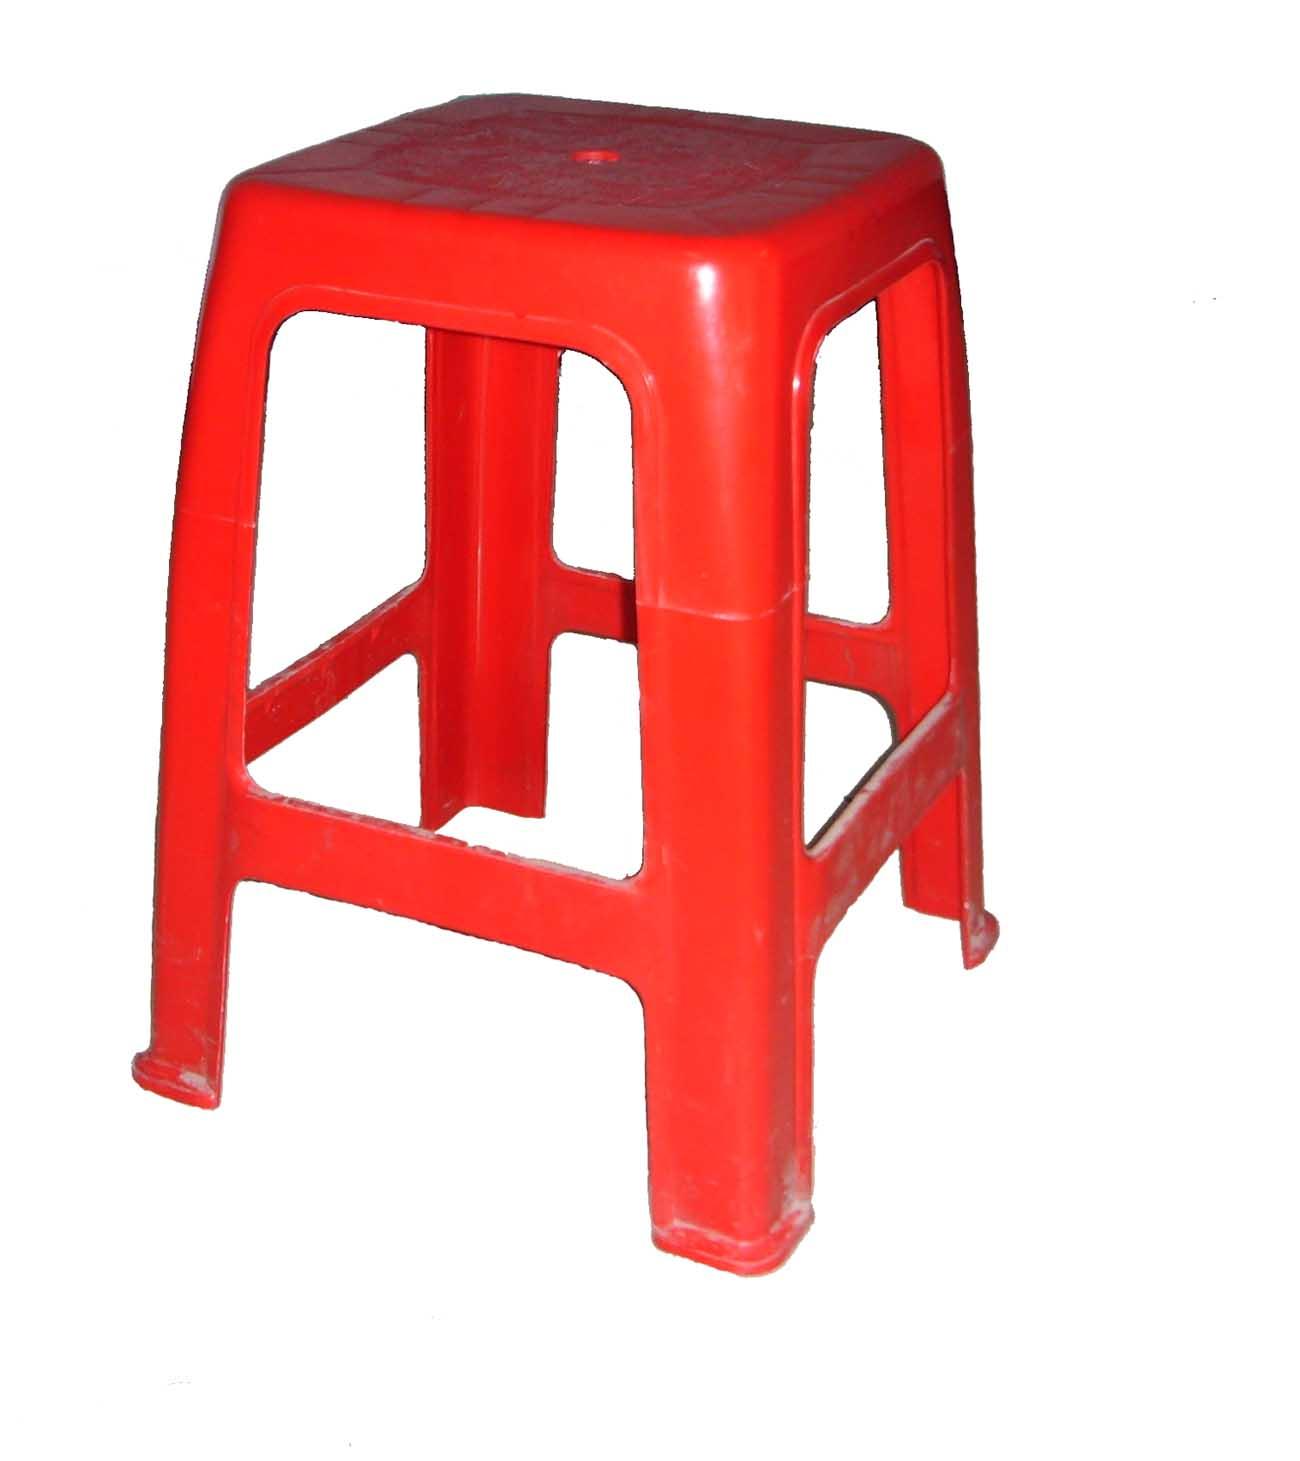 蓝星化工_塑料加强型凳子椅子, - 全球塑胶网1